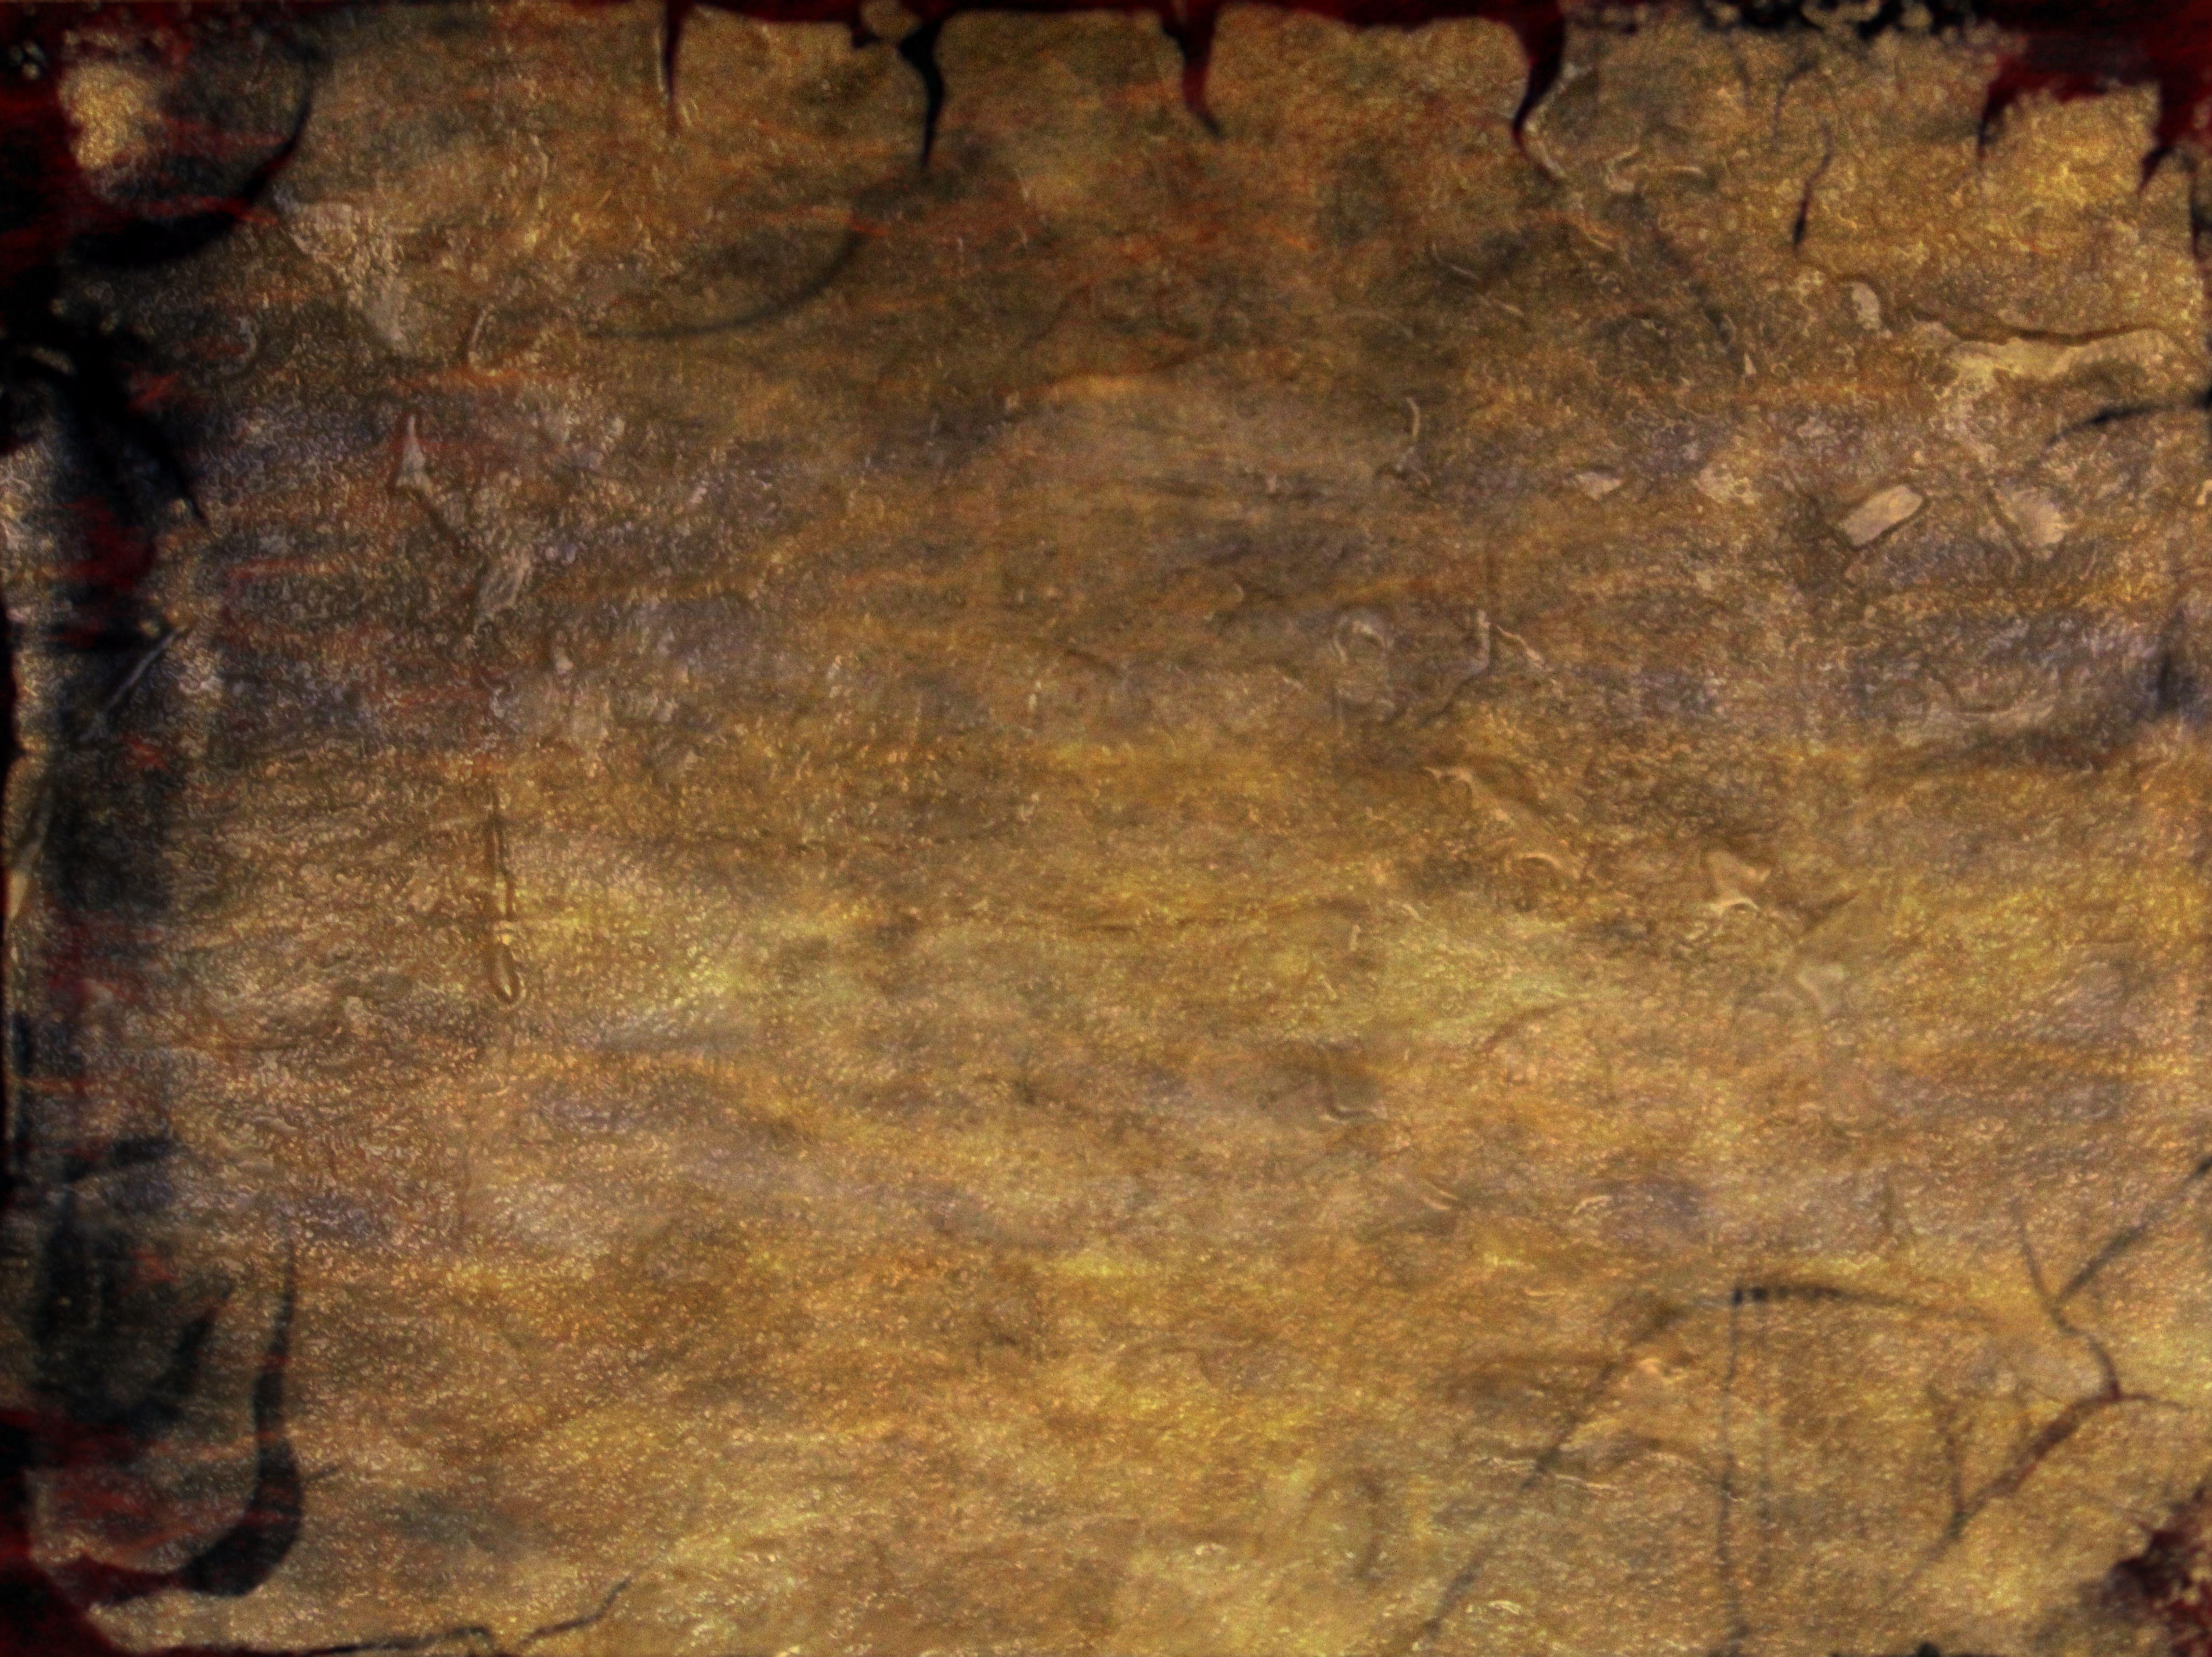 Fotos Gratis Rock Madera Textura Pared Formaci 243 N